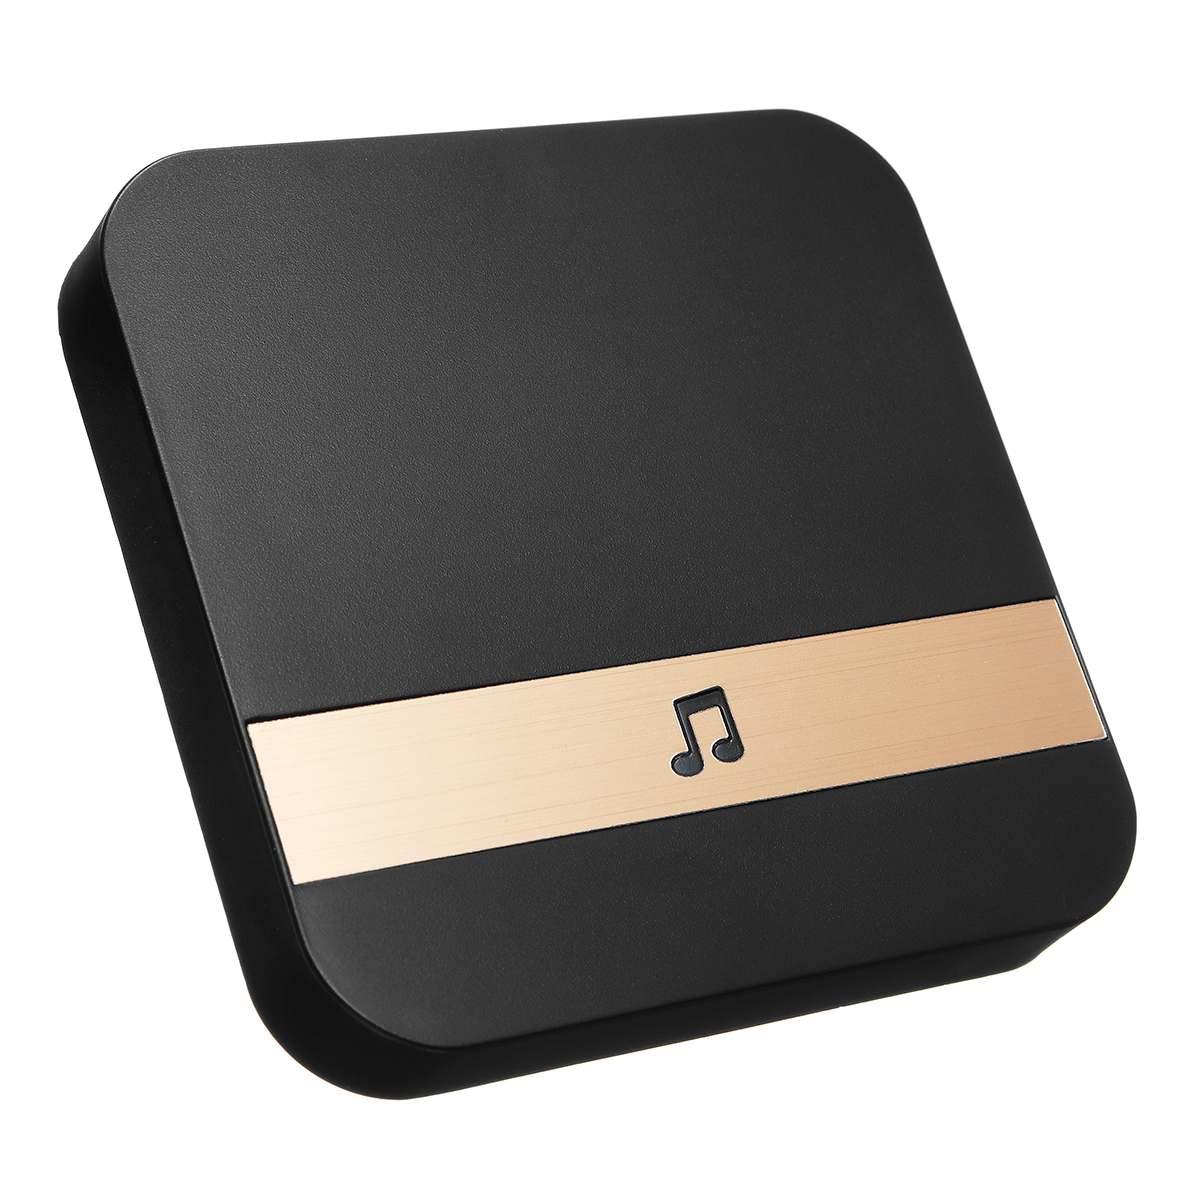 433MHz Wireless Wifi Smart Video Doorbell  Chime Music Receiver Home Security Indoor Intercom Door Bell Receiver 10-110dB Sounds